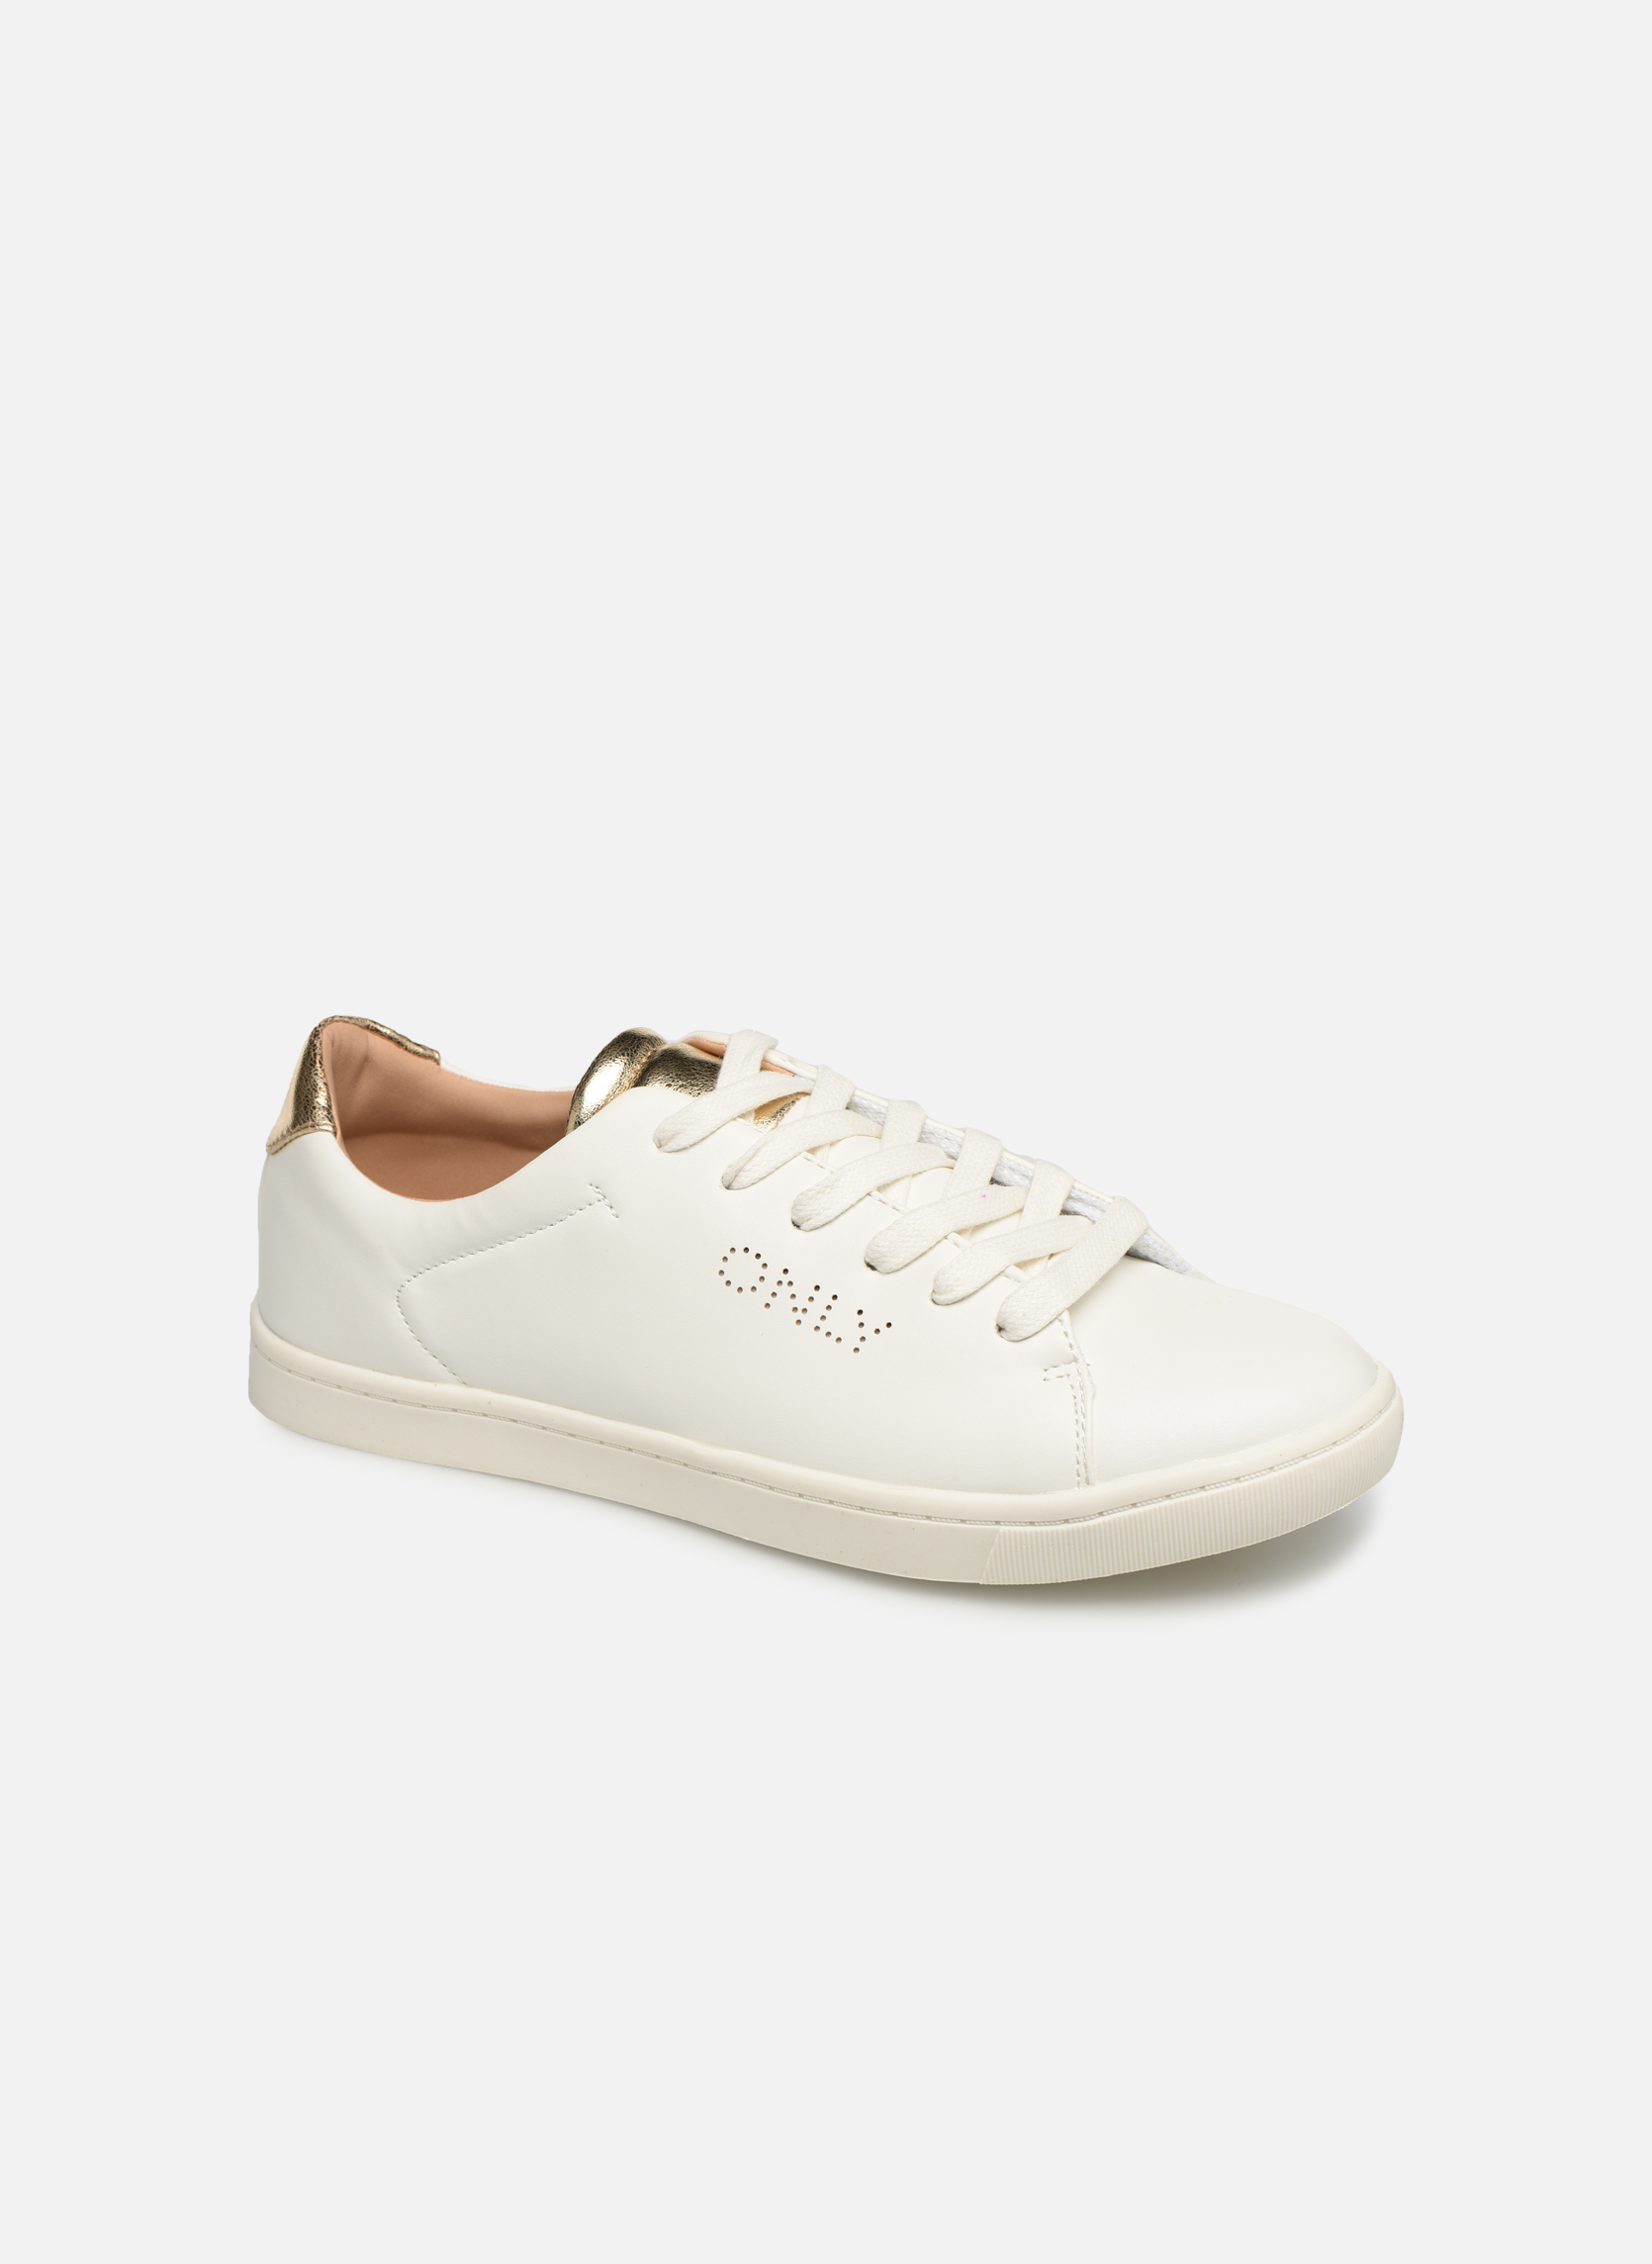 Sneakers ONLSILJAPU SNEAKER2 by ONLY